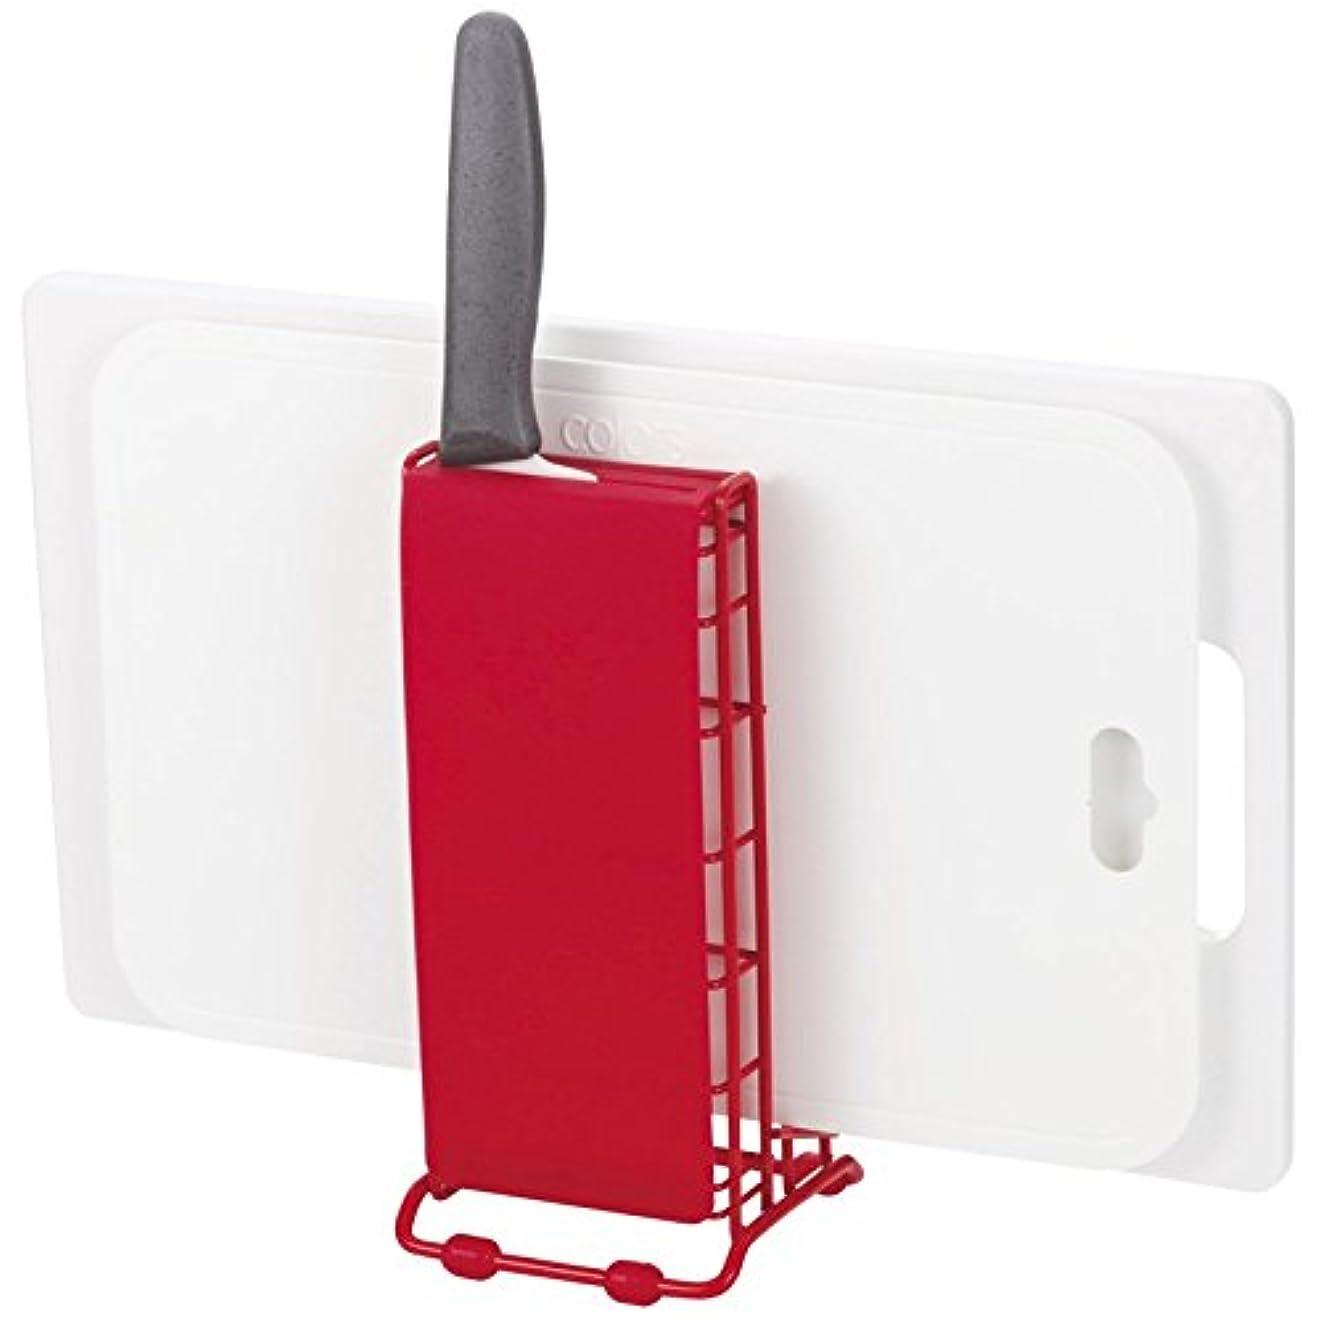 マウスピースヘッジすみませんリバティーコーポレーション 包丁?まな板スタンド レッド 10.5×10cm Style+2 LC-733